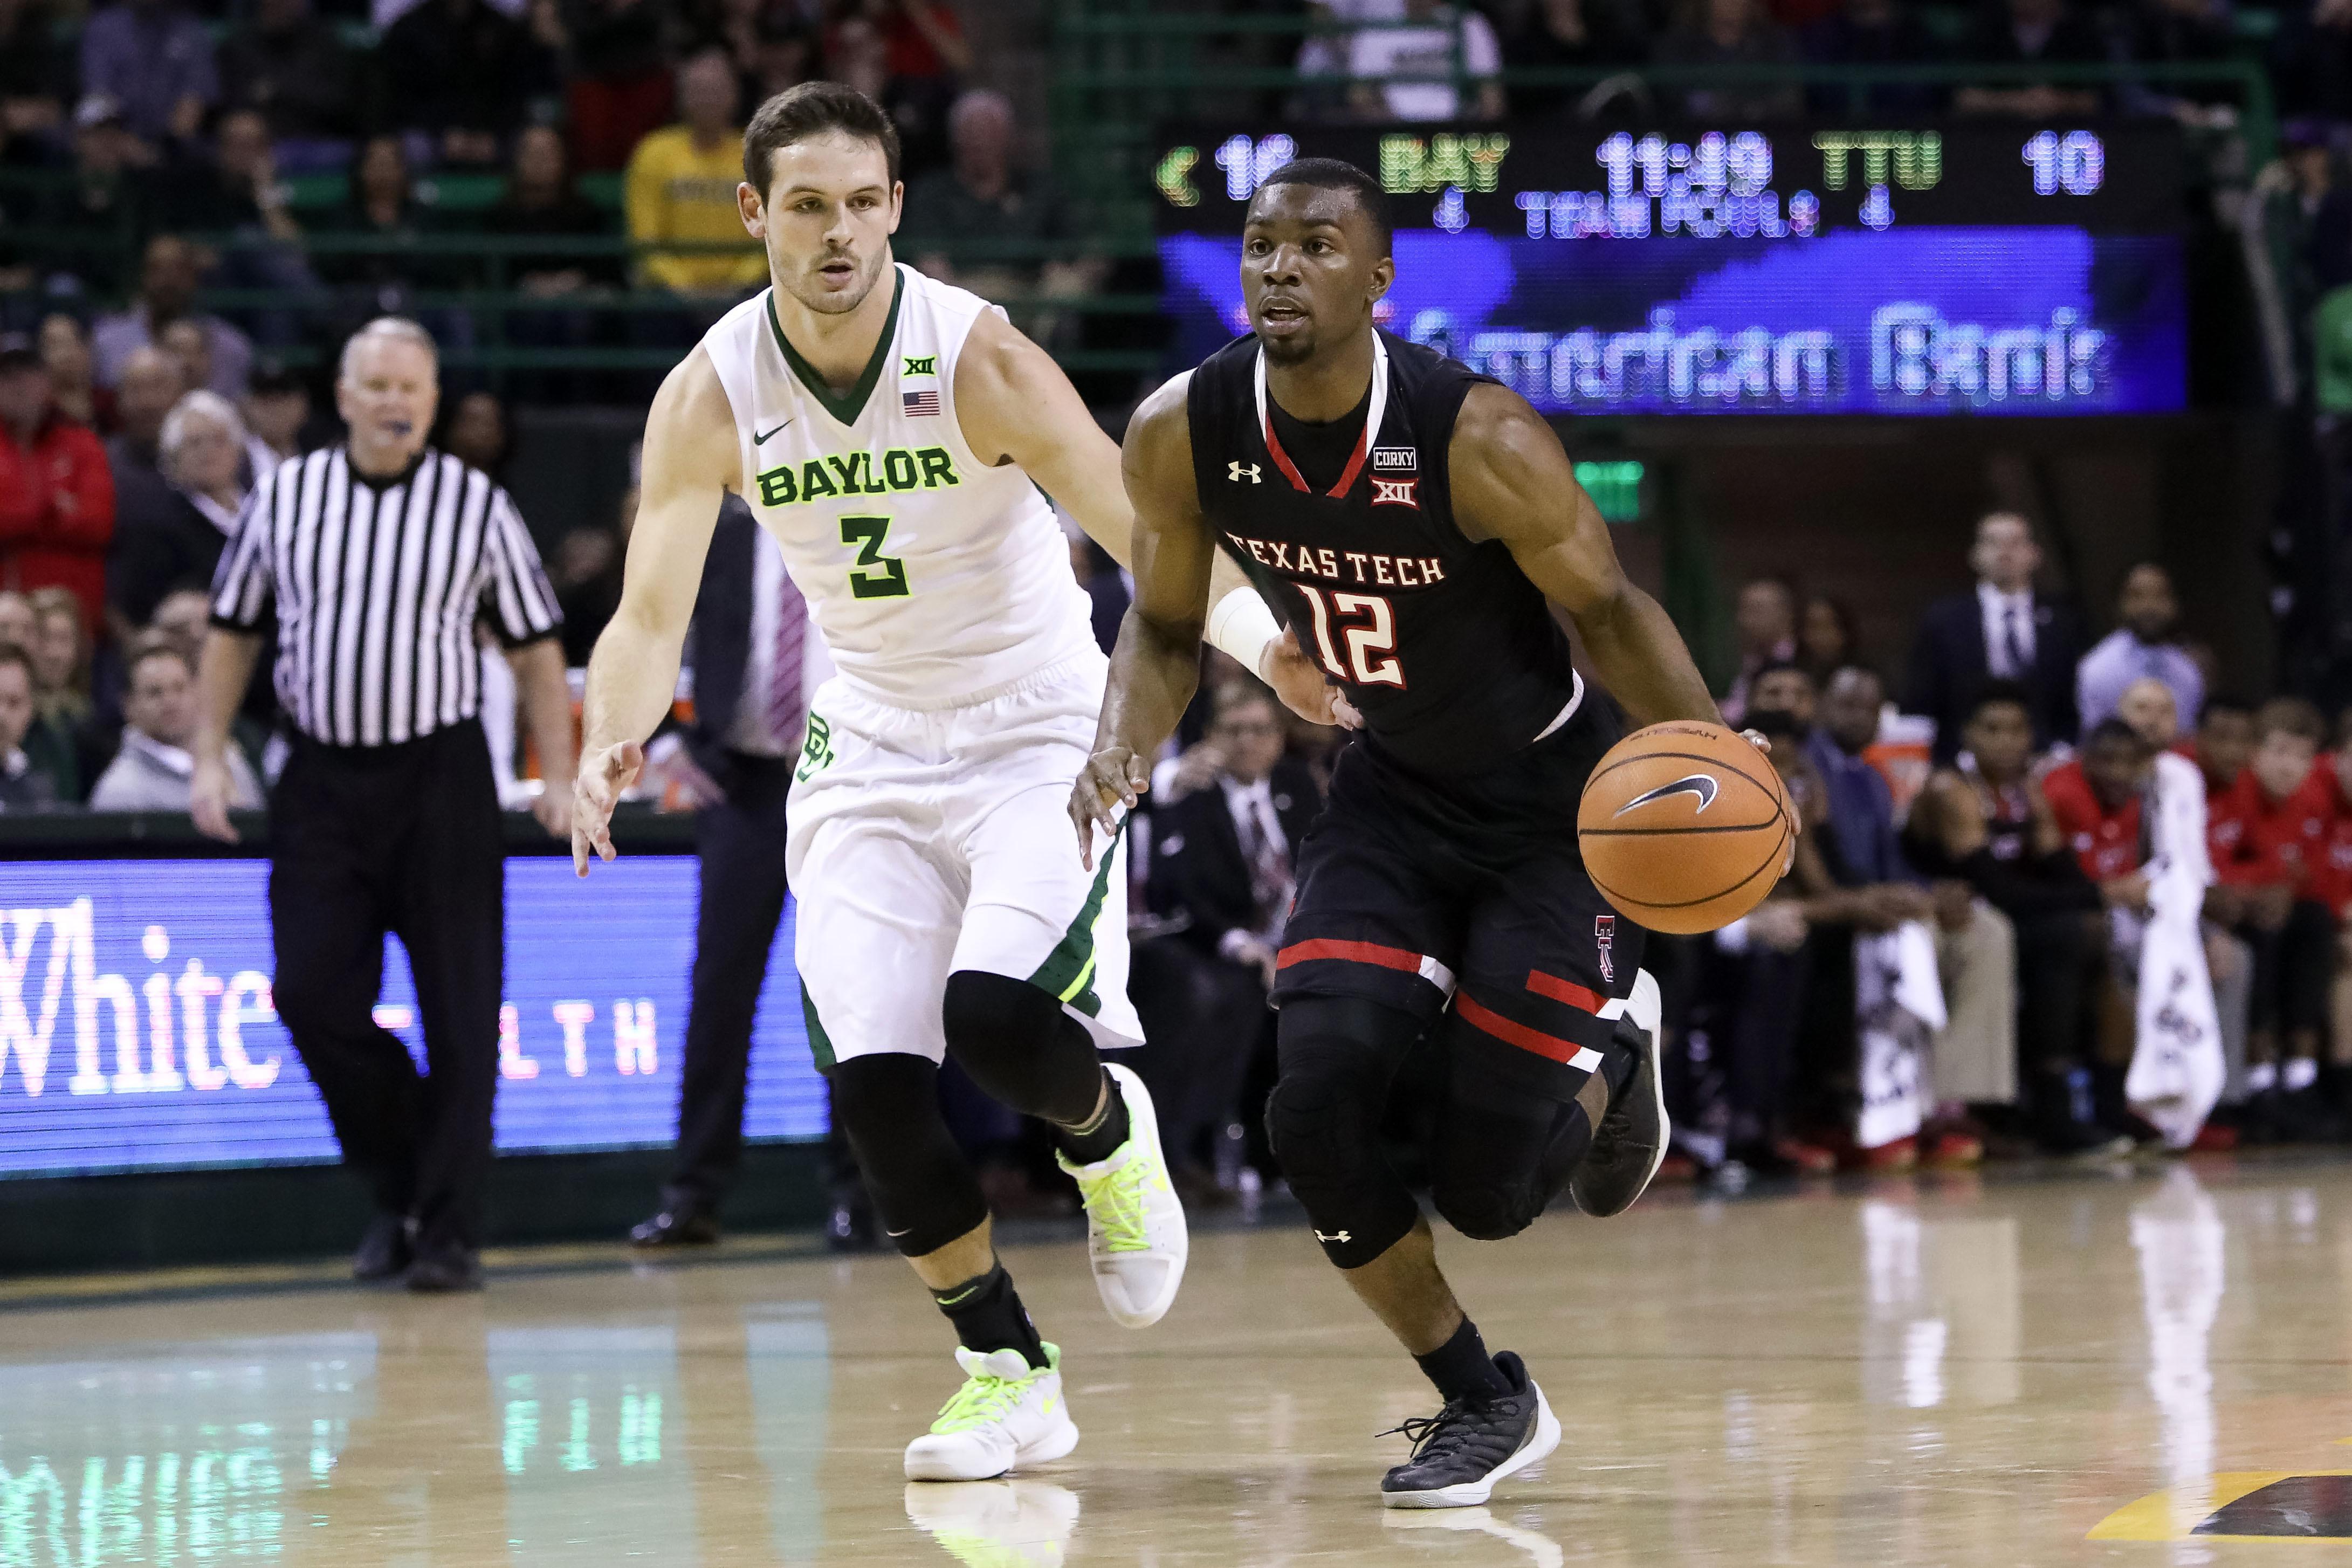 NCAA Basketball: Texas Tech at Baylor